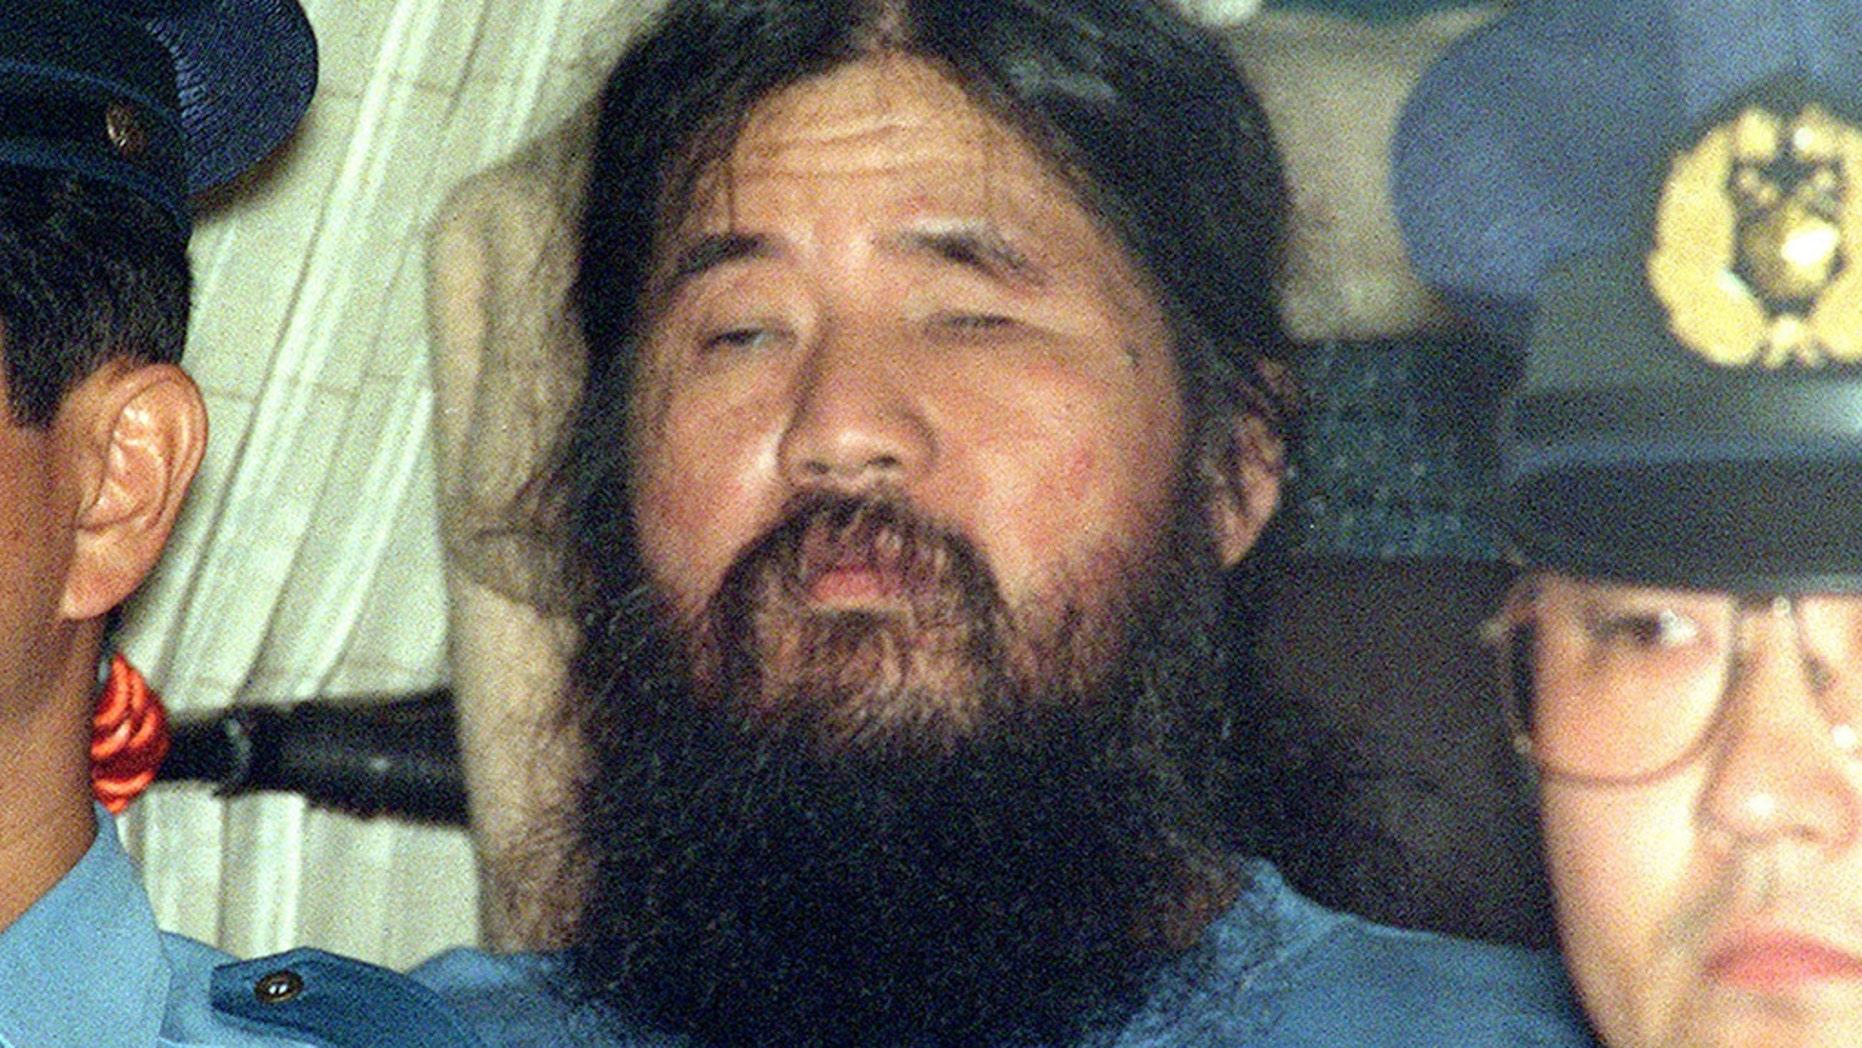 This September 1995 photo shows cult leader Shoko Asahara, whose real name is Chizuo Matsumoto.